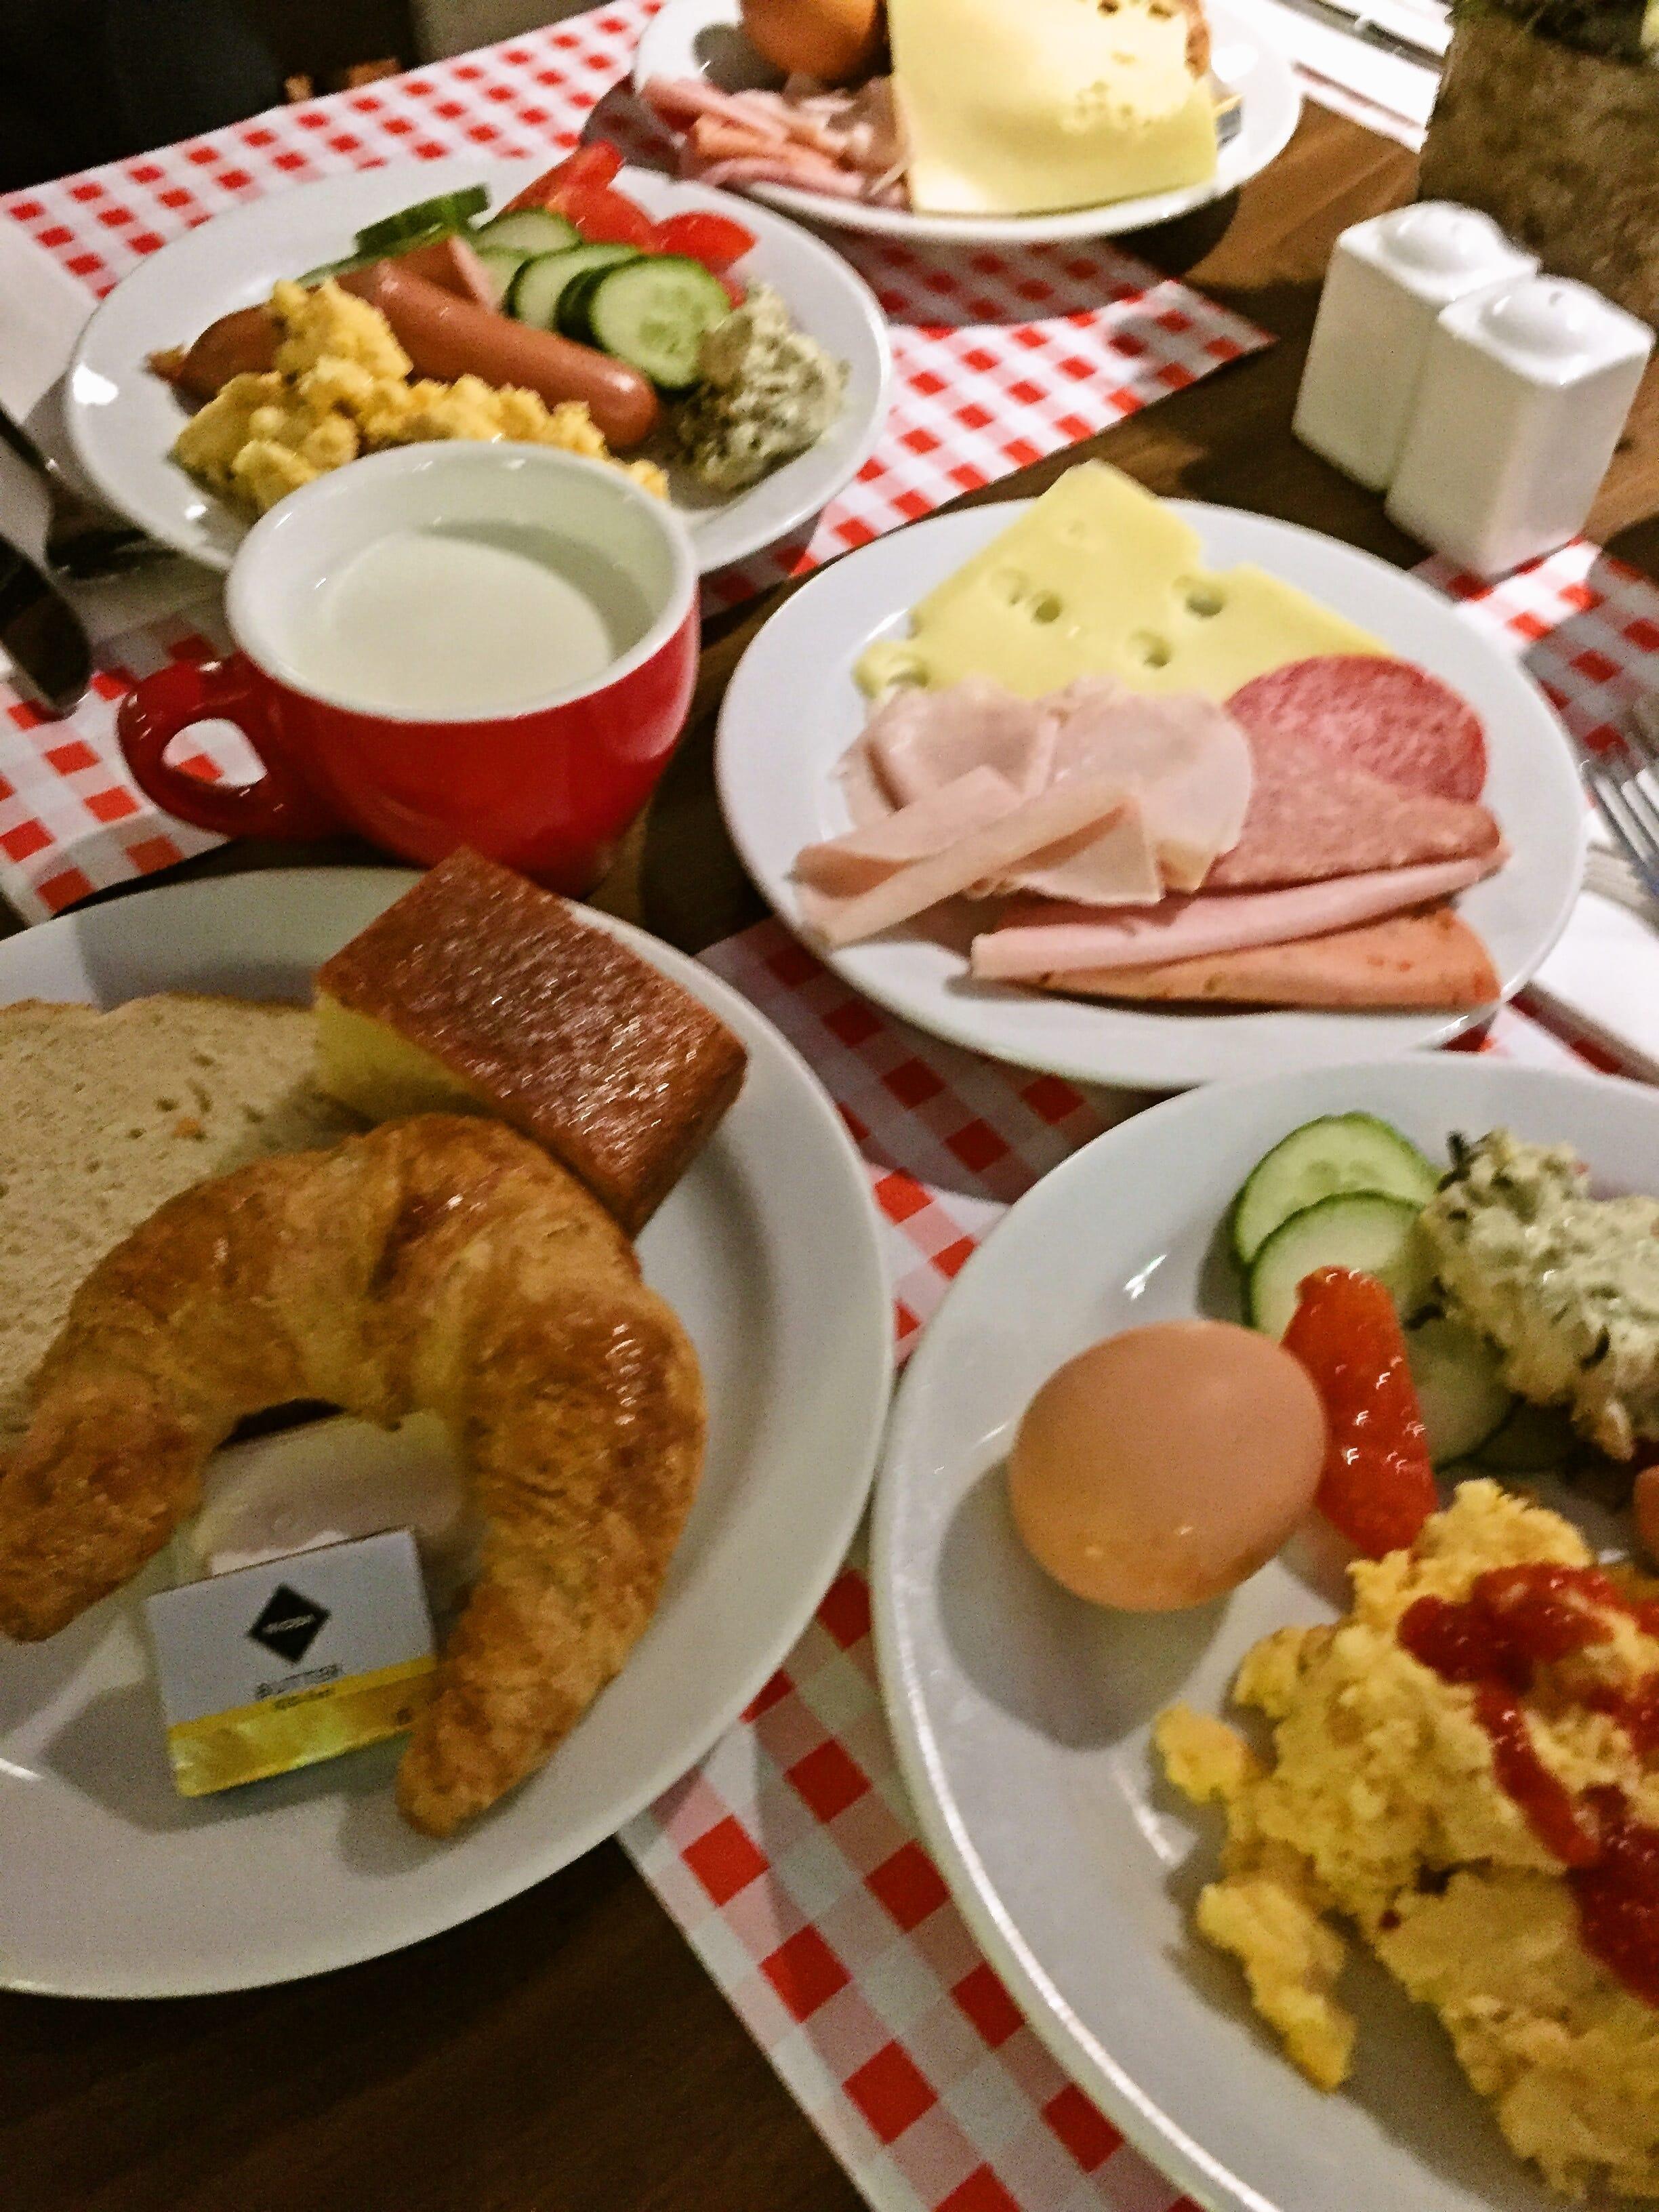 foodpic7930664-min.jpg